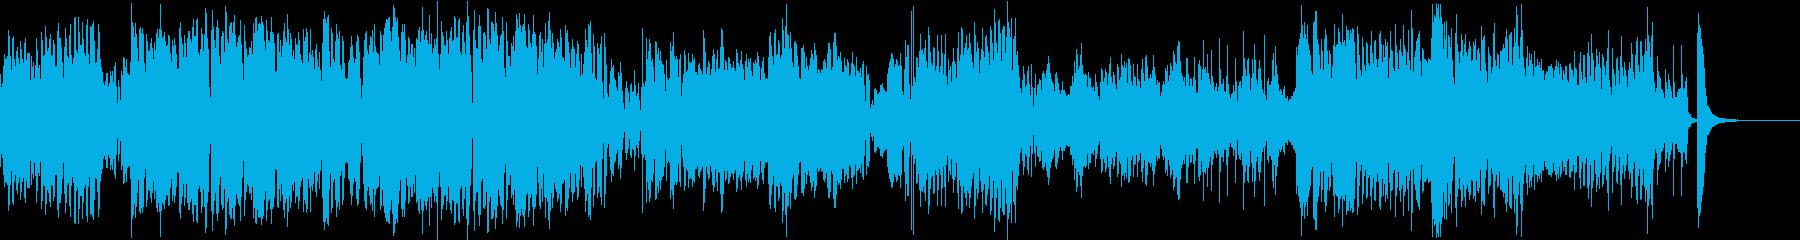 140秒のクリスマス用ビッグバンドジャズの再生済みの波形